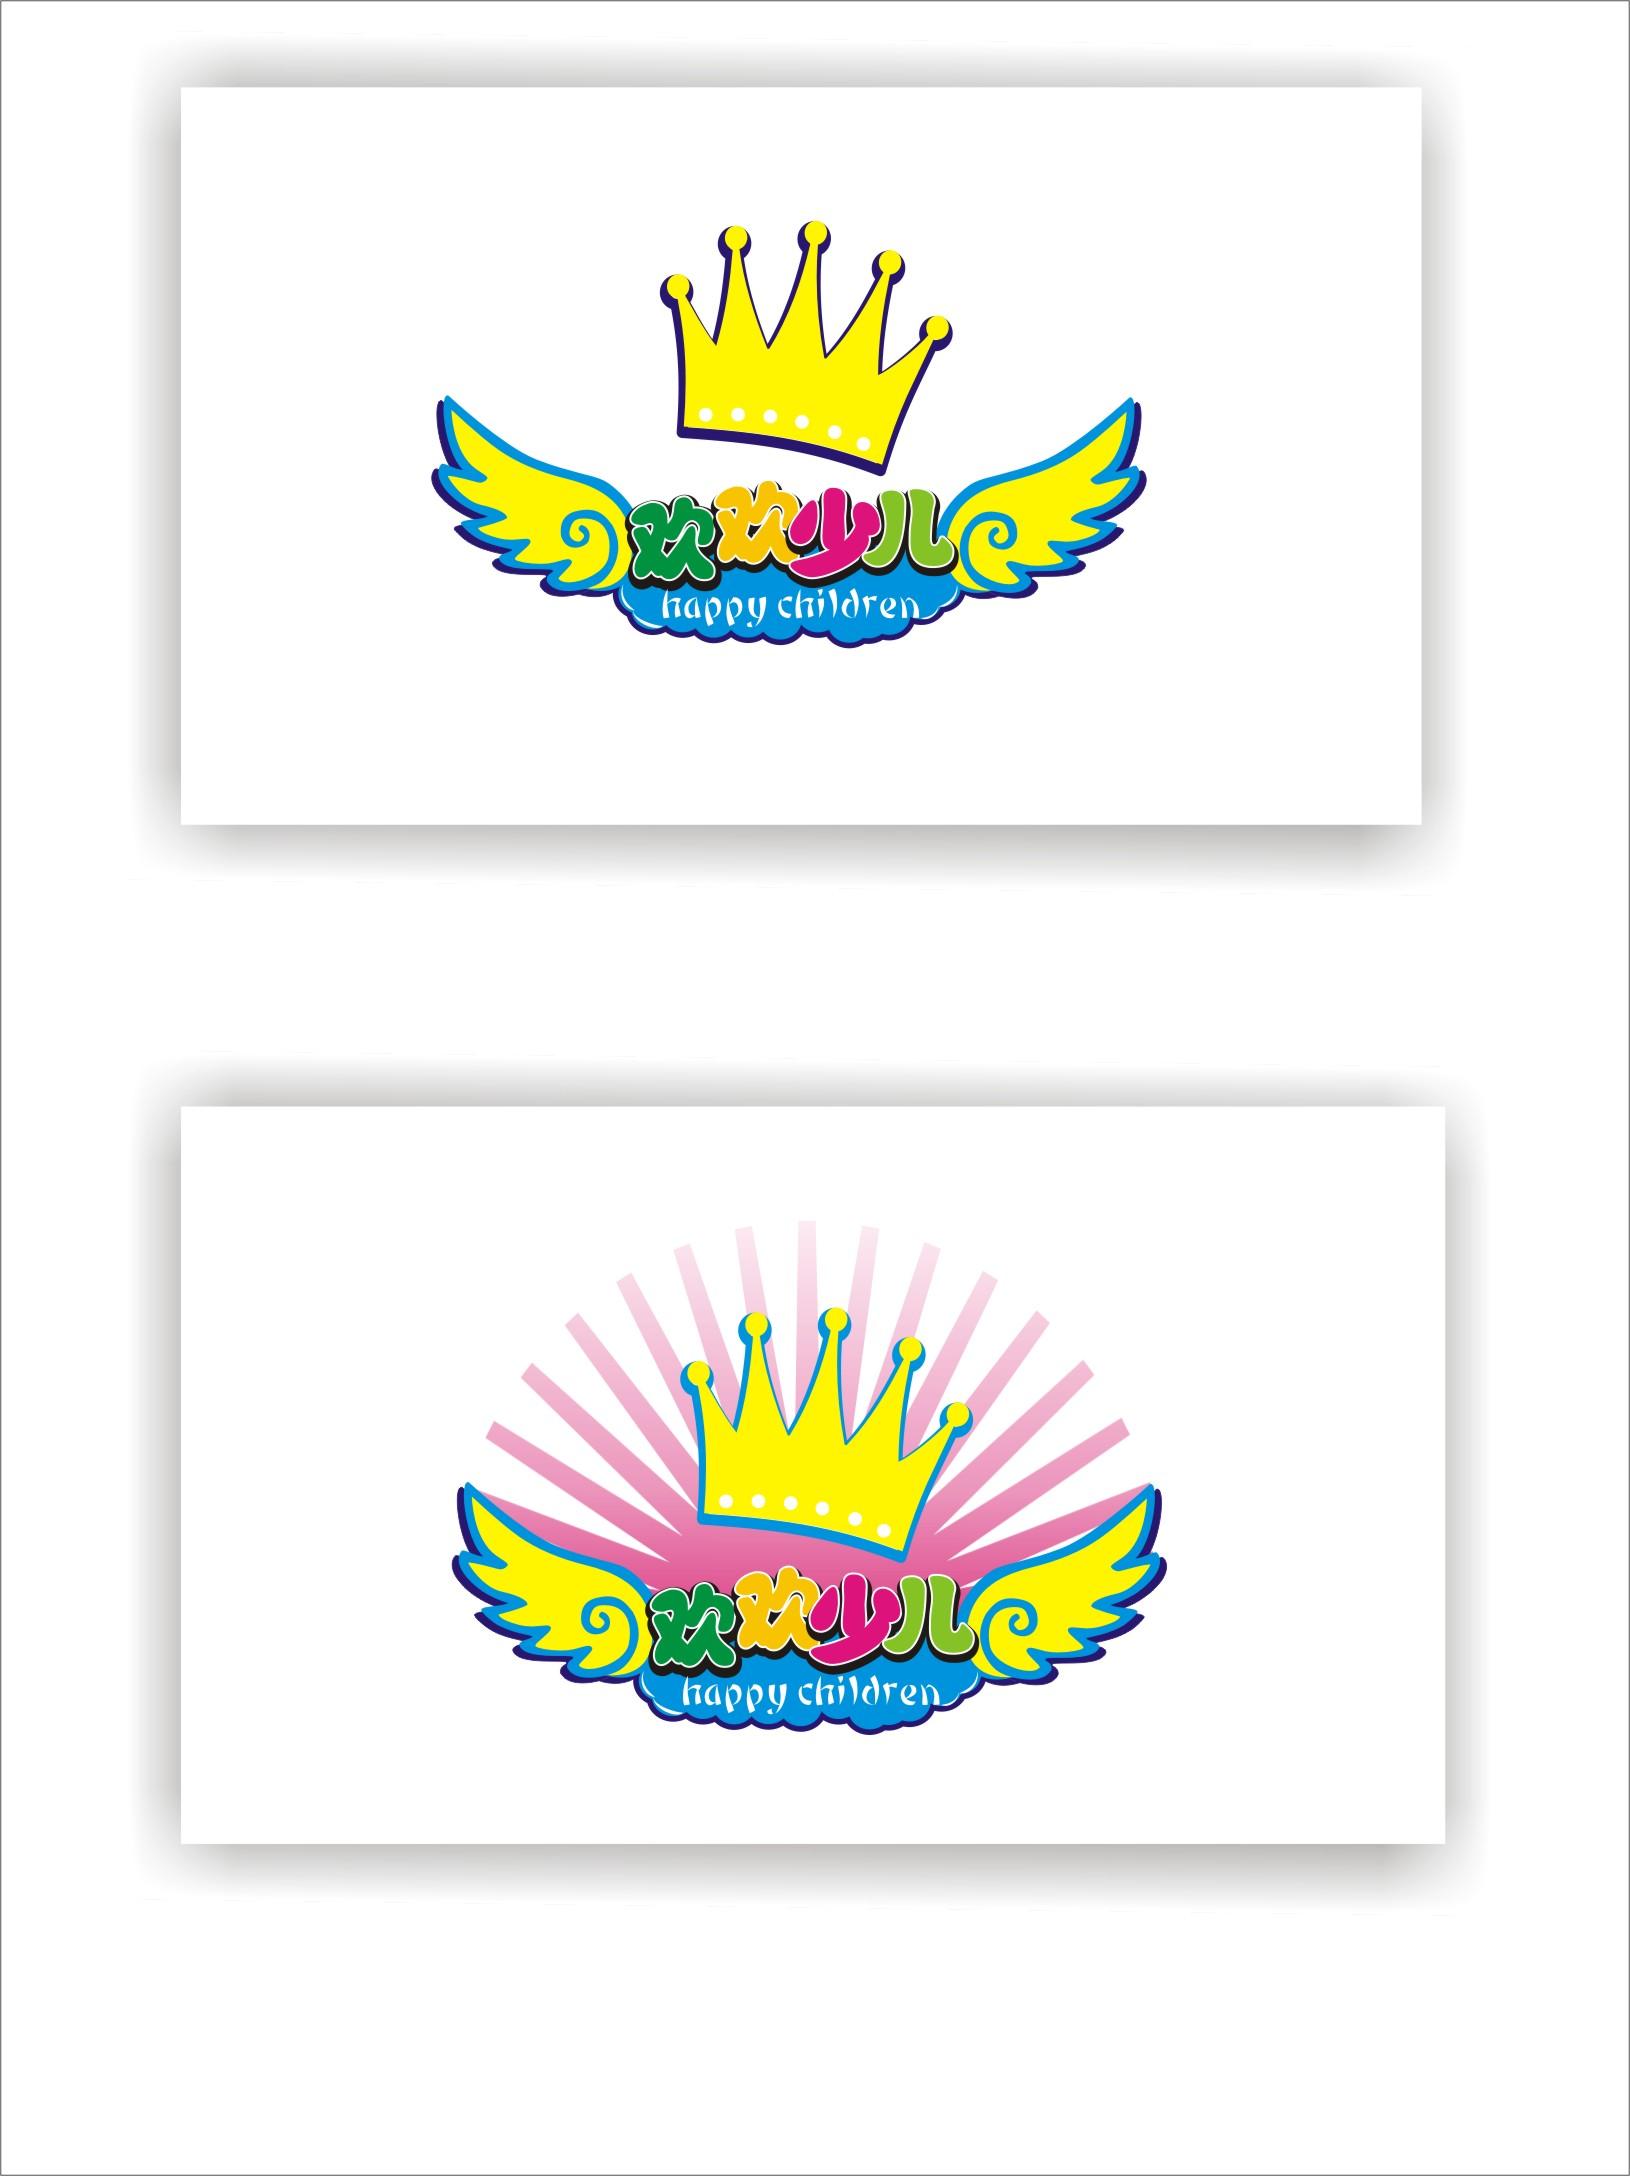 济南电视台欢欢少儿艺术团 小荷尖尖角 成长大舞台 设计内容: 1)LOGO 2)VI 包括: 1.教师(内容:所属机构,姓名,性别,照片 )2.学生卡(内容:所属机构,姓名,性别,出生年月日,学号,照片) 3.信封(内容:Logo 济南电视台欢欢少儿艺术团小荷尖尖角 成长大舞台 地址:济南经十一路32号 济南广播电视台6号楼四楼 电话:电子邮箱: 4.